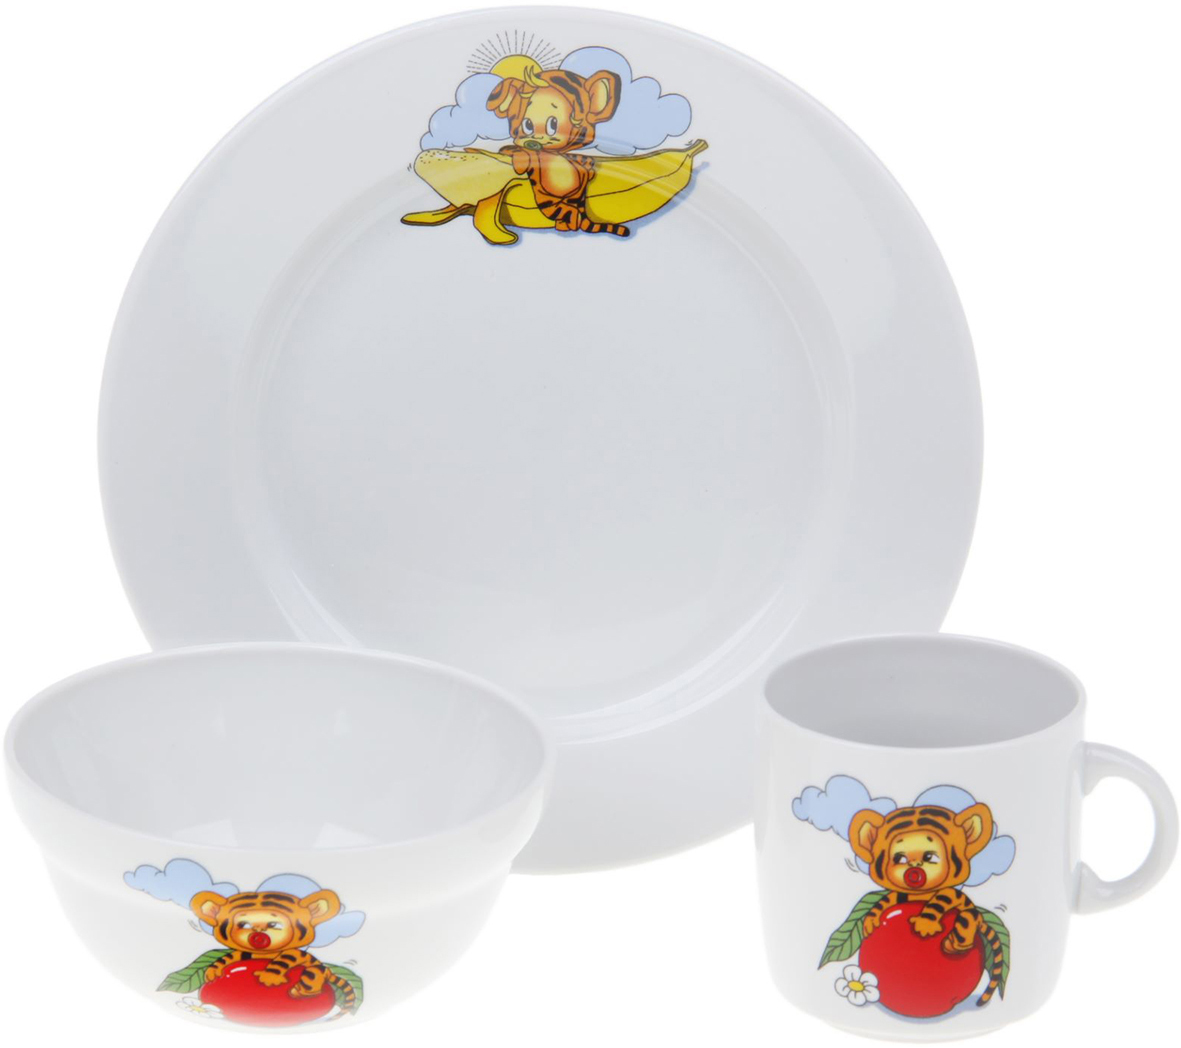 """Набор посуды """"Тигрята"""" изготовлен из высококачественного экологически чистого фарфора. В набор входят 3 предмета: тарелка, салатник, кружка. Посуда оформлена красочными рисунками.  Набор, несомненно, привлечет внимание вашего ребенка и не позволит ему скучать. Порадуйте своего ребенка этим замечательным набором!   Диаметр тарелки: 20 см.  Объем салатника: 335 мл.  Объем кружки: 210 мл."""